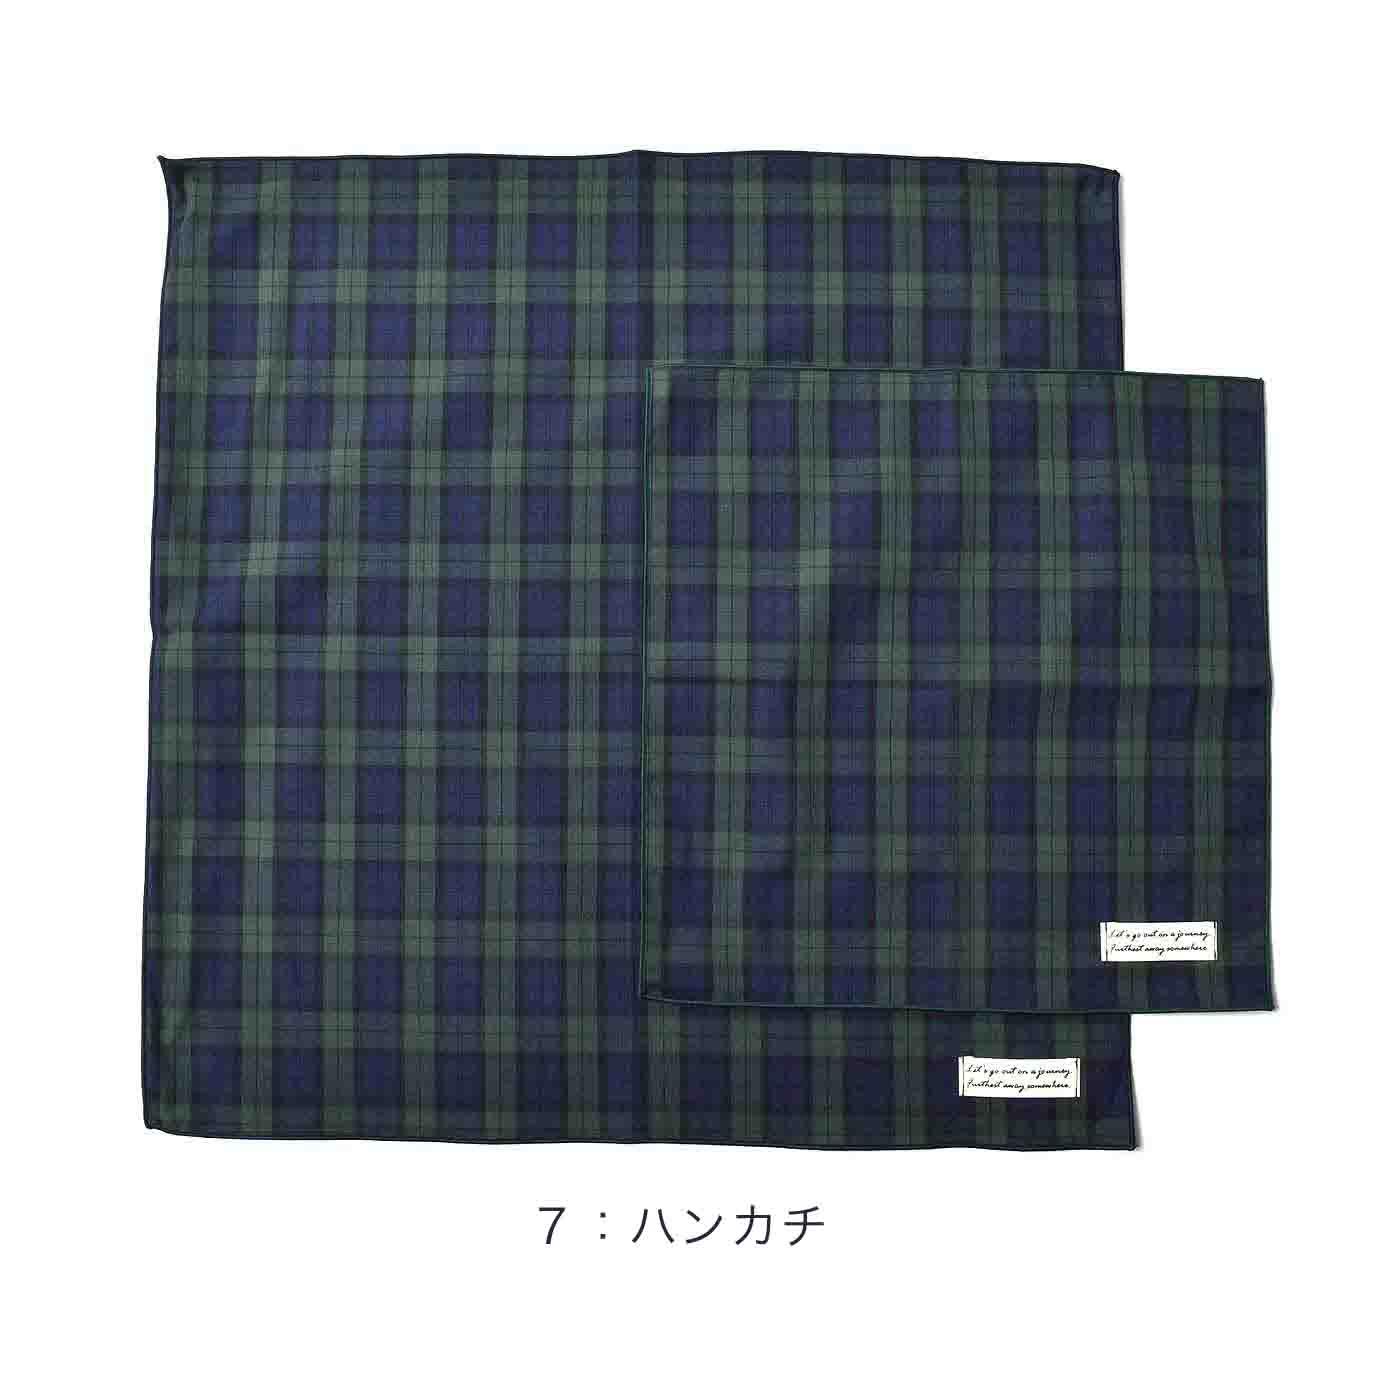 綿(ガーゼ)100% 大:約55×55cm、小:約32×32cm